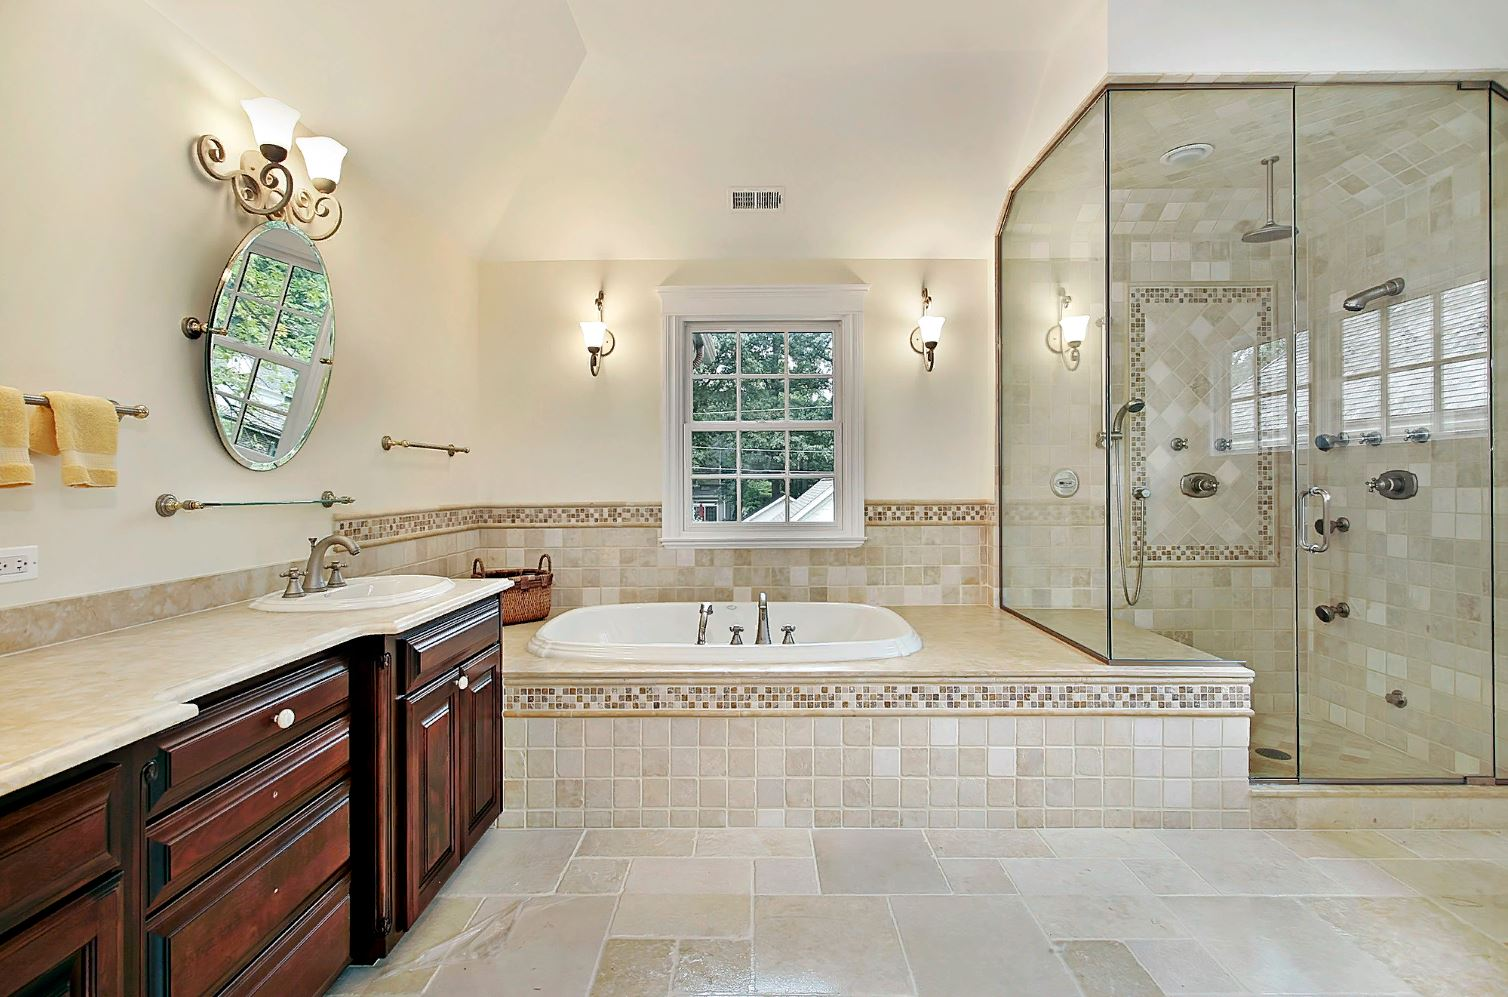 Дизайн ванной комнаты в средиземноморском стиле